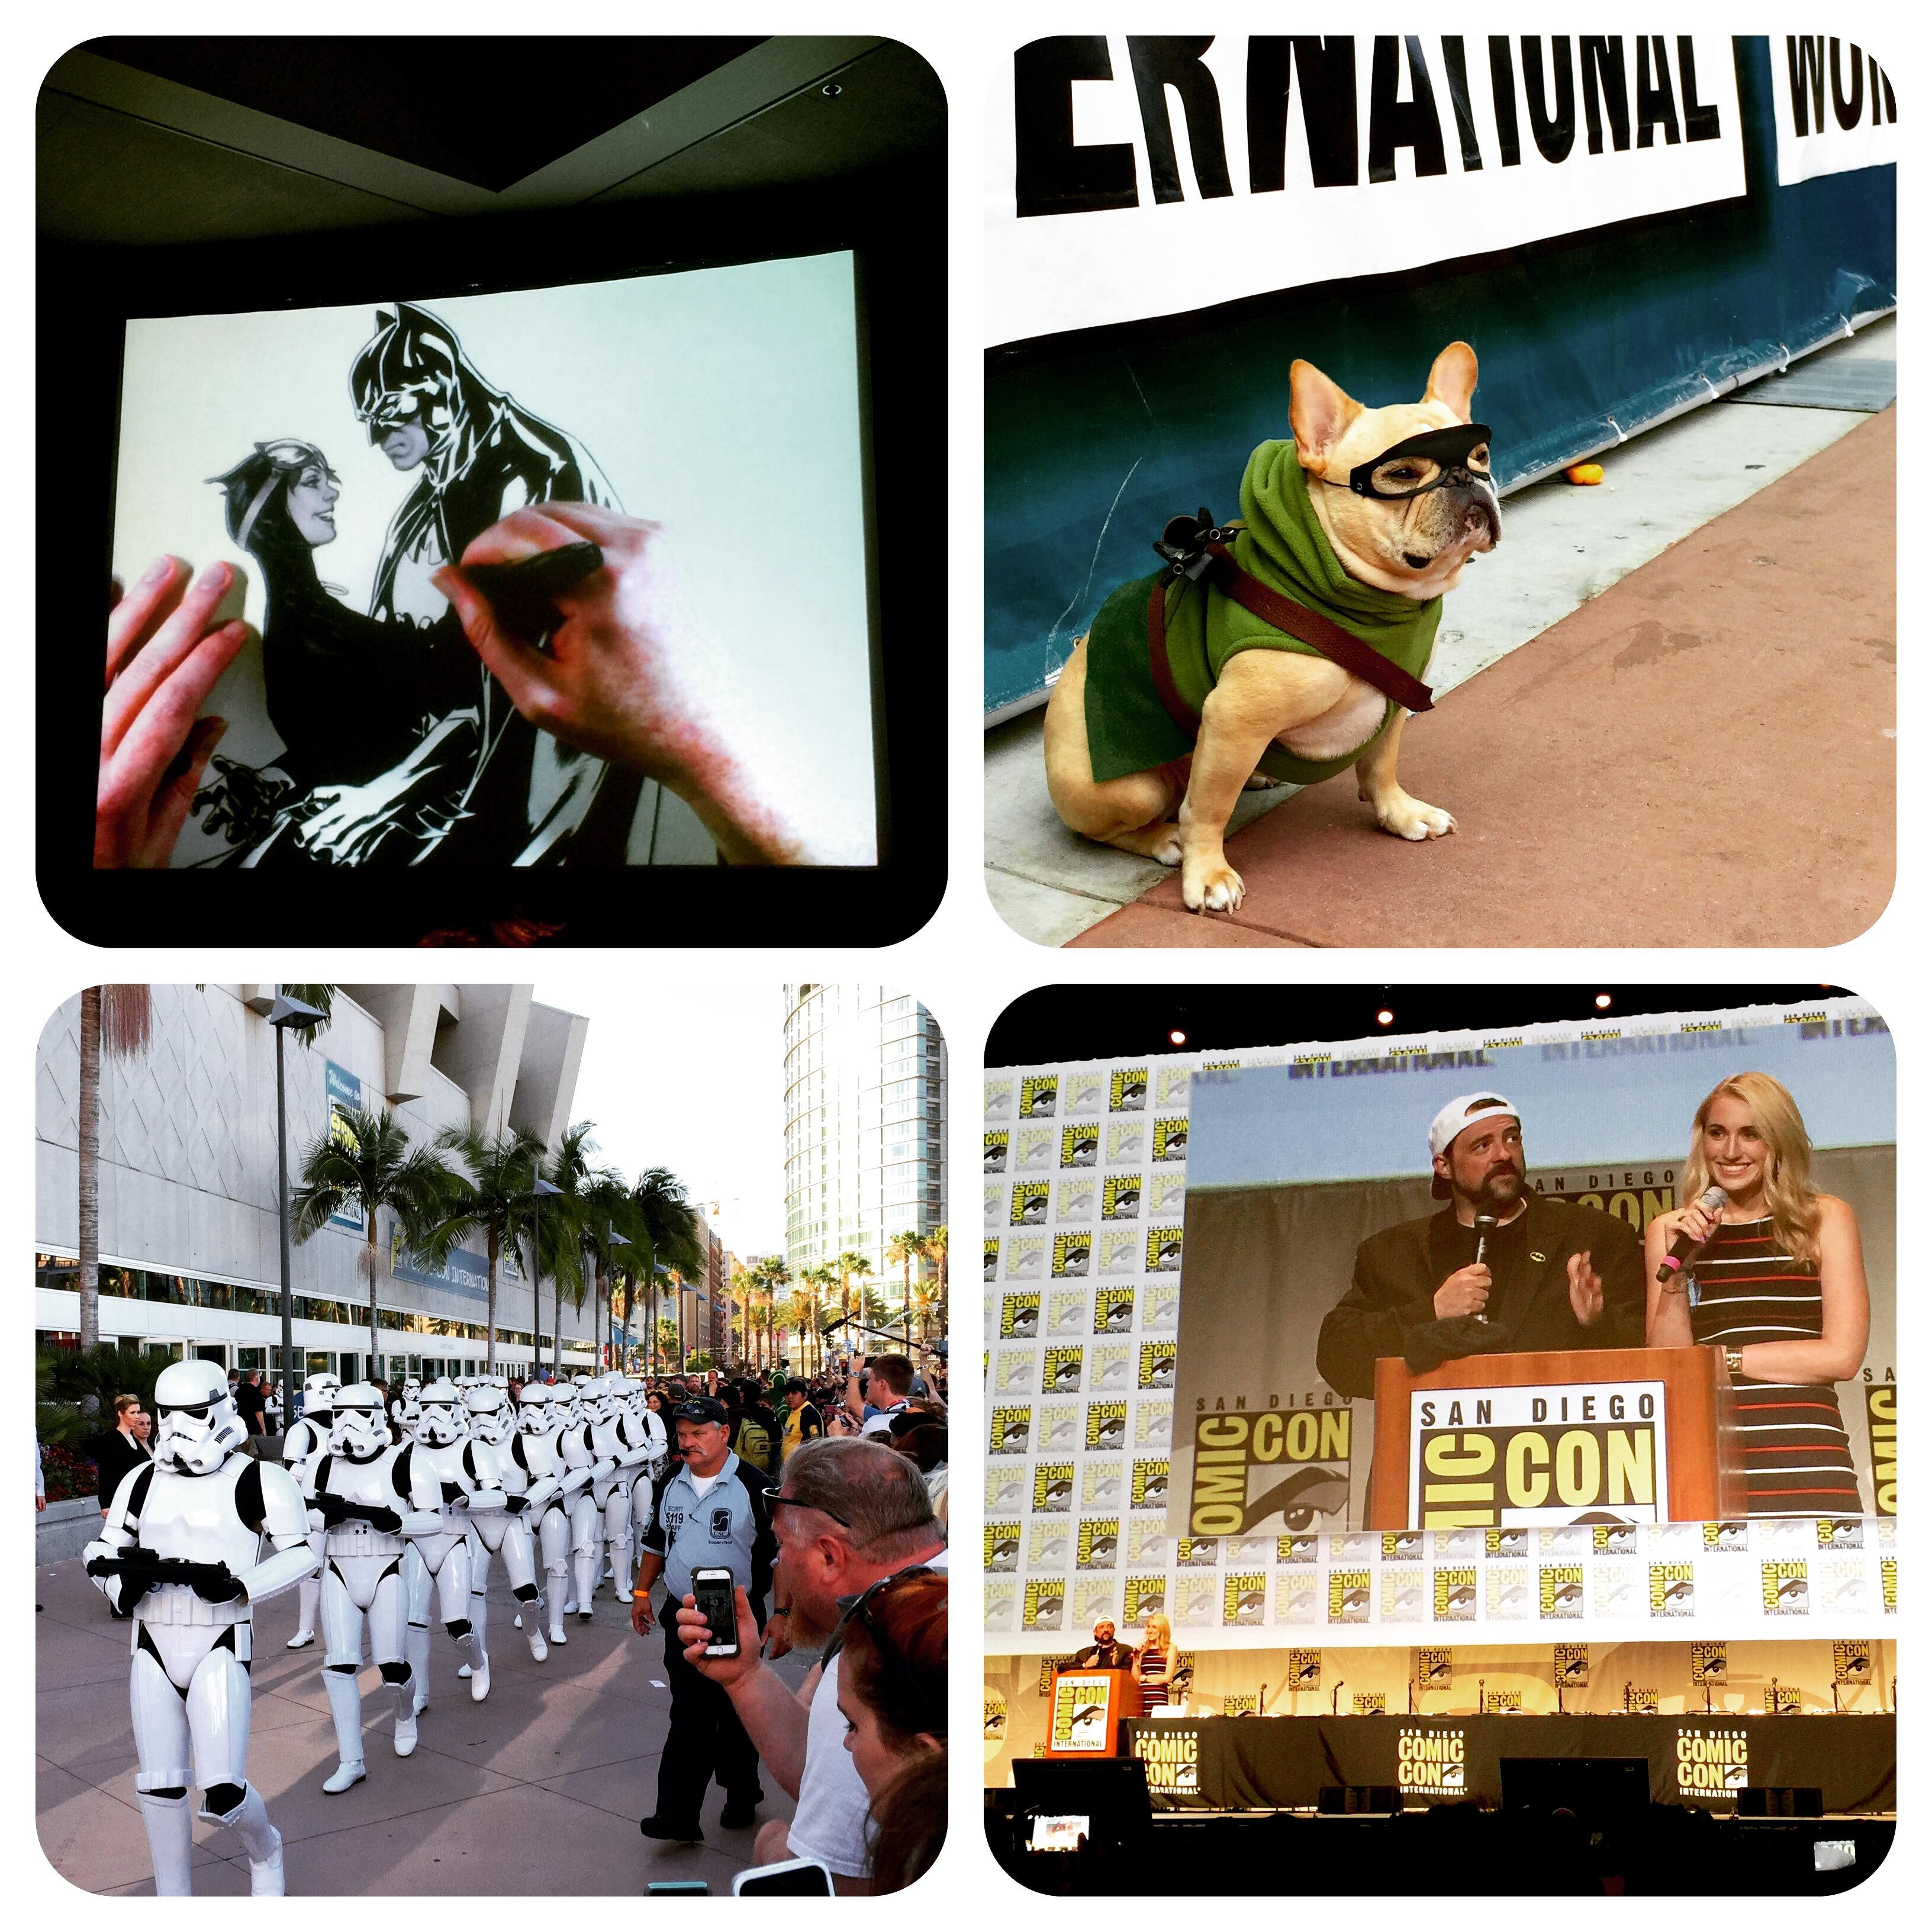 [Evento][Tópico Oficial] Comic-Con San Diego 2015 - Cobertura e itens exclusivos! - Página 4 I3o2r7